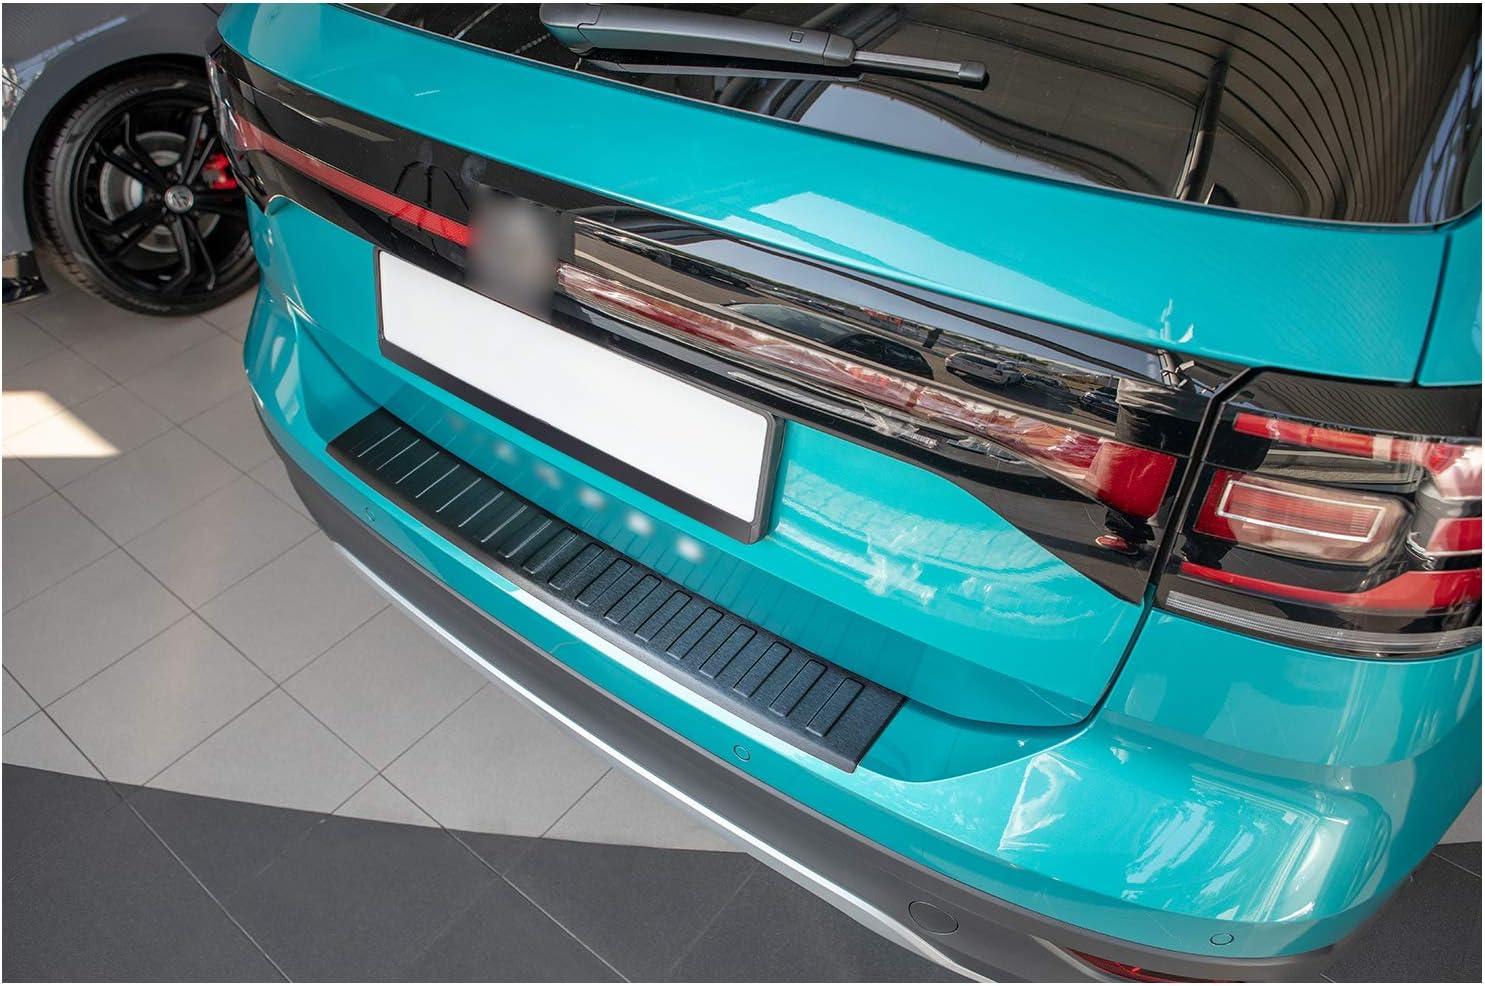 Tuning Art L373 Edelstahl Ladekantenschutz Für Vw T Cross C1 2018 5 Jahre Garantie Farbe Anthrazit Auto